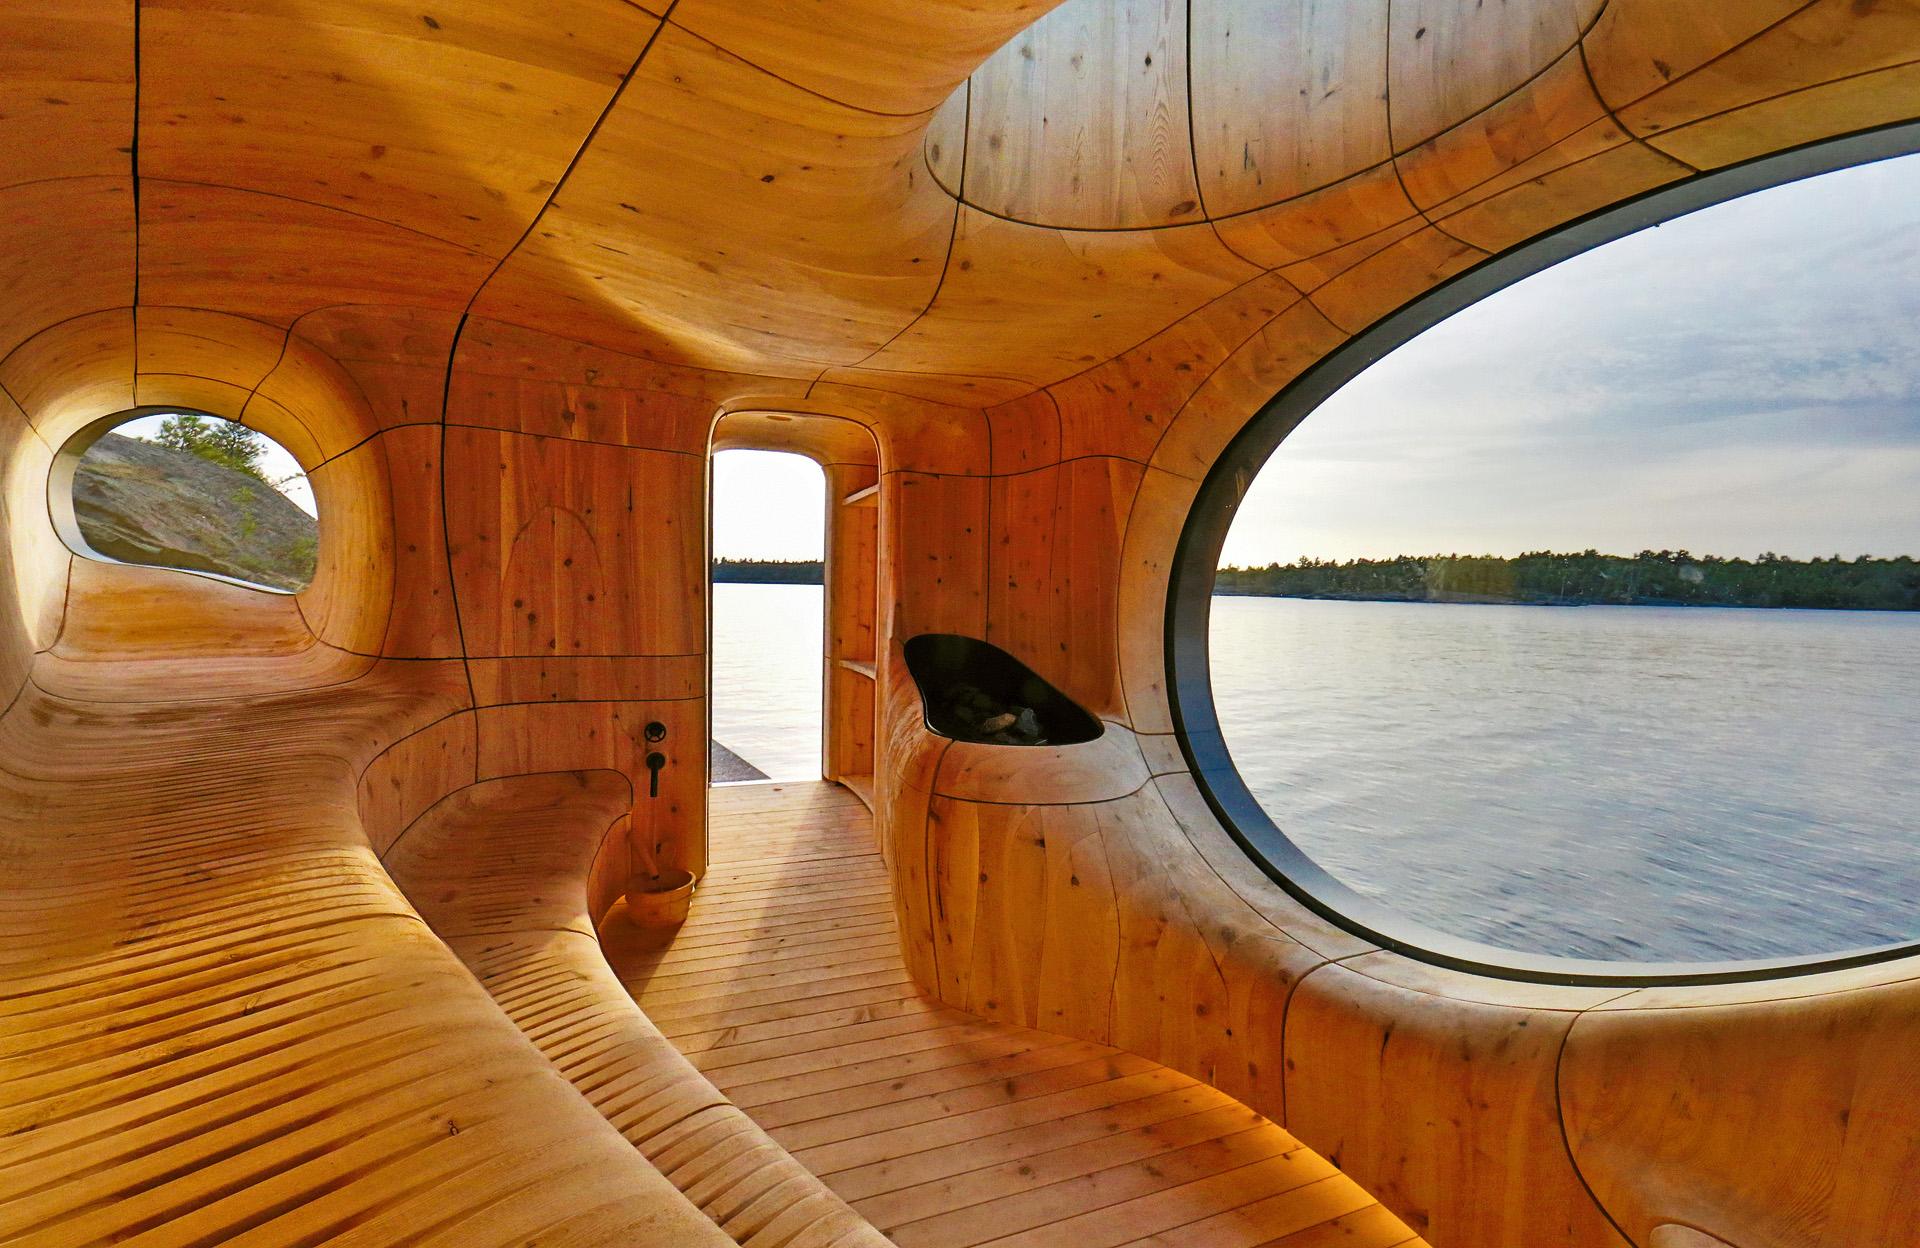 Prywatna sauna Grotto, proj.: Partisans